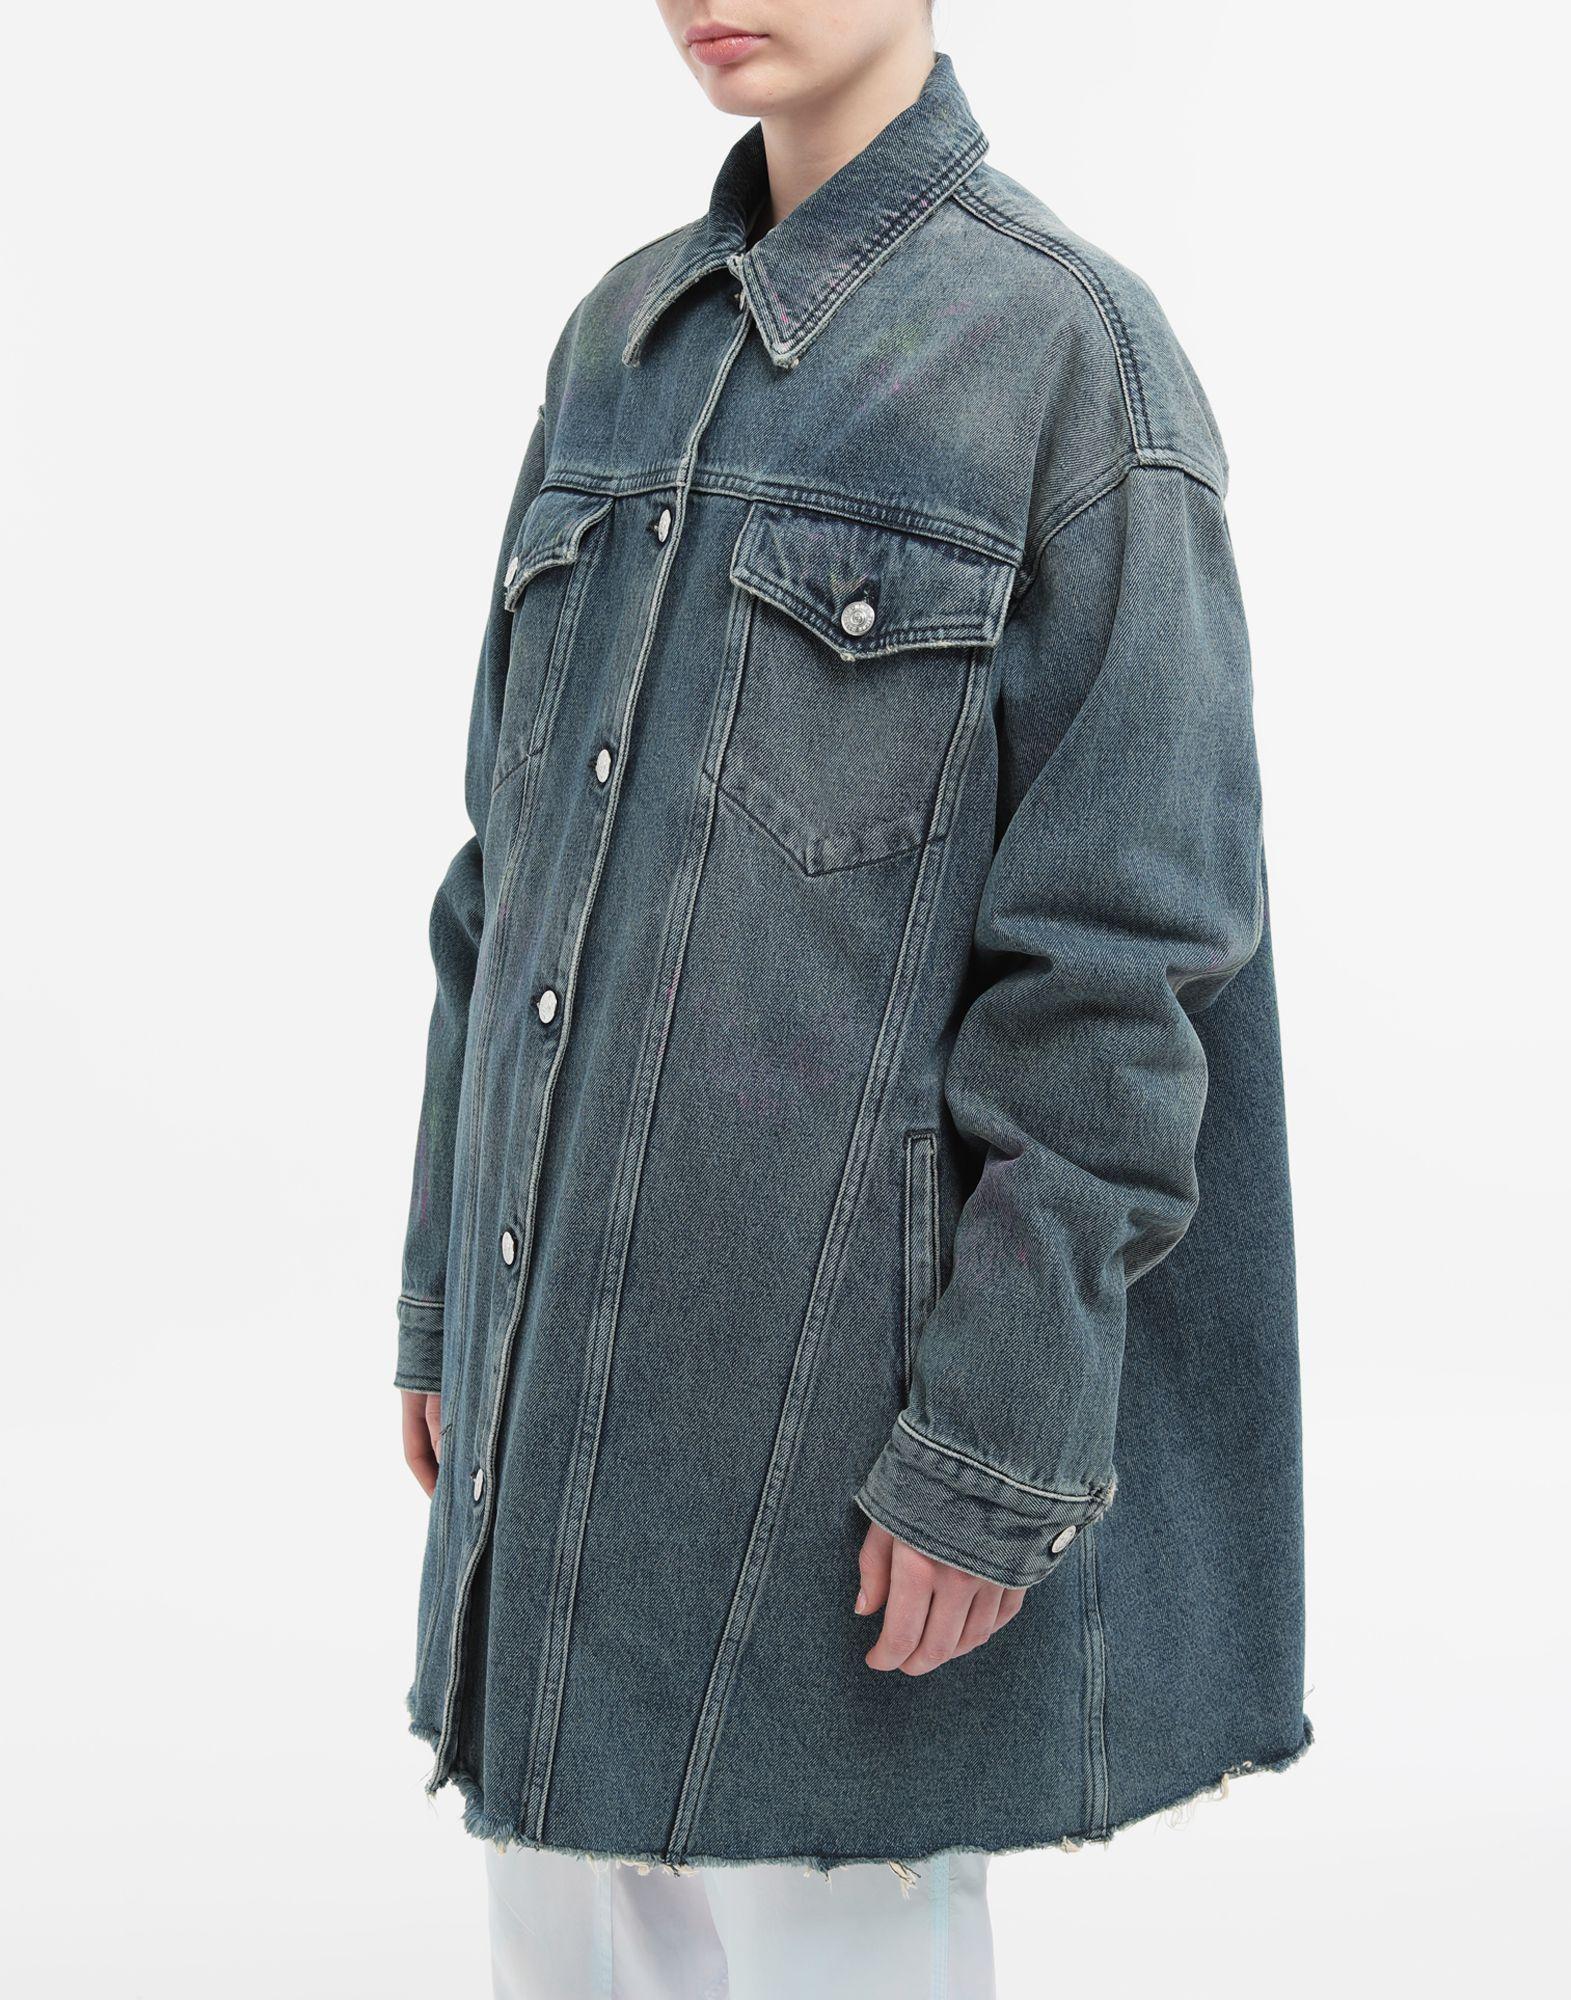 MM6 MAISON MARGIELA Oversized highlighter-treated denim jacket Jacket Woman r